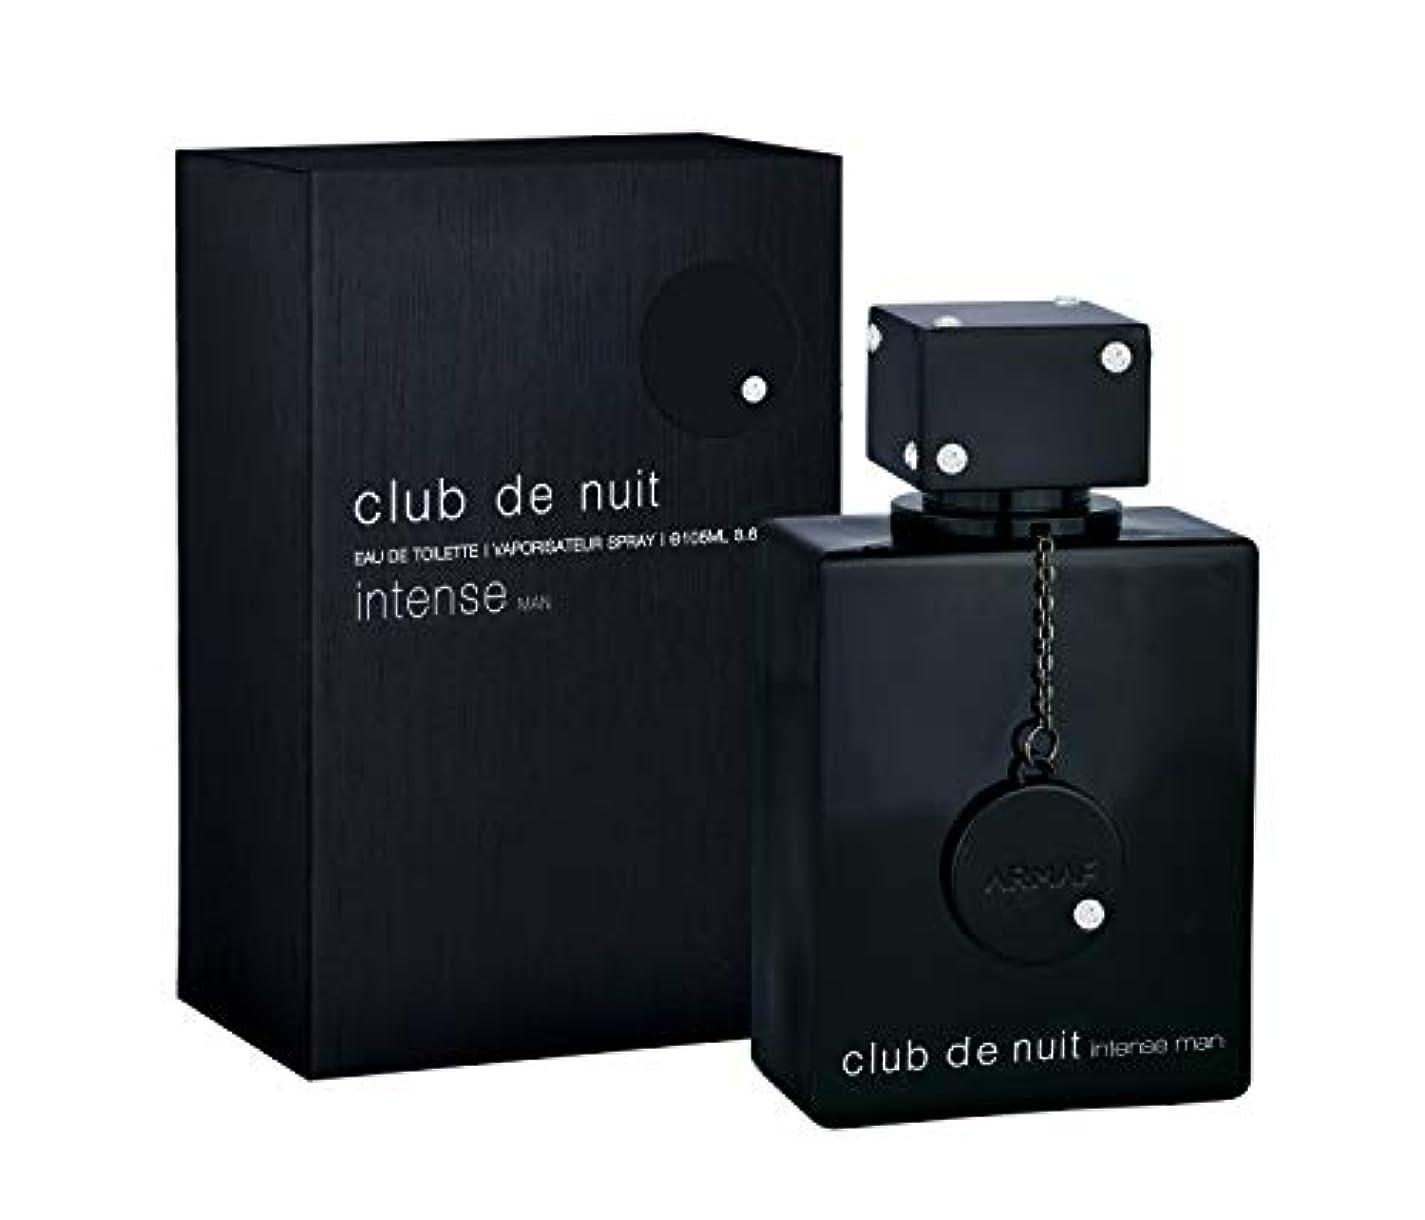 ガロンバランスのとれた分布Armaf club de nuit men intense Perfume EDT Eau De Toilette 100 ml Fragrance